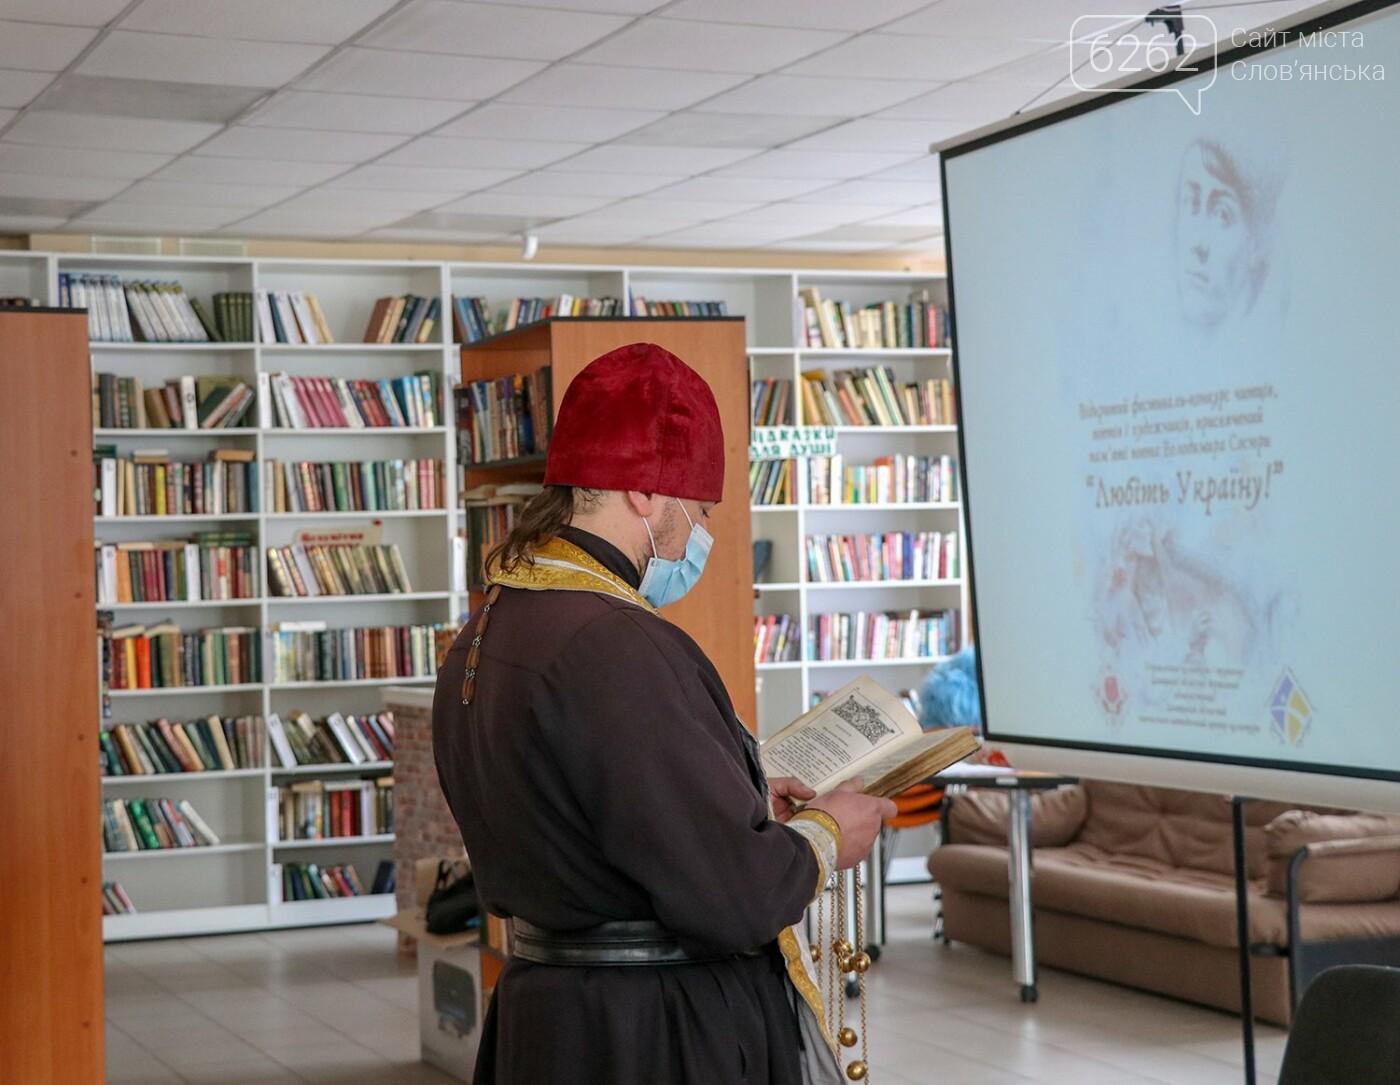 У слов'янській бібліотеці відбувся всеукраїнський фестиваль пам'яті Сосюри, фото-13